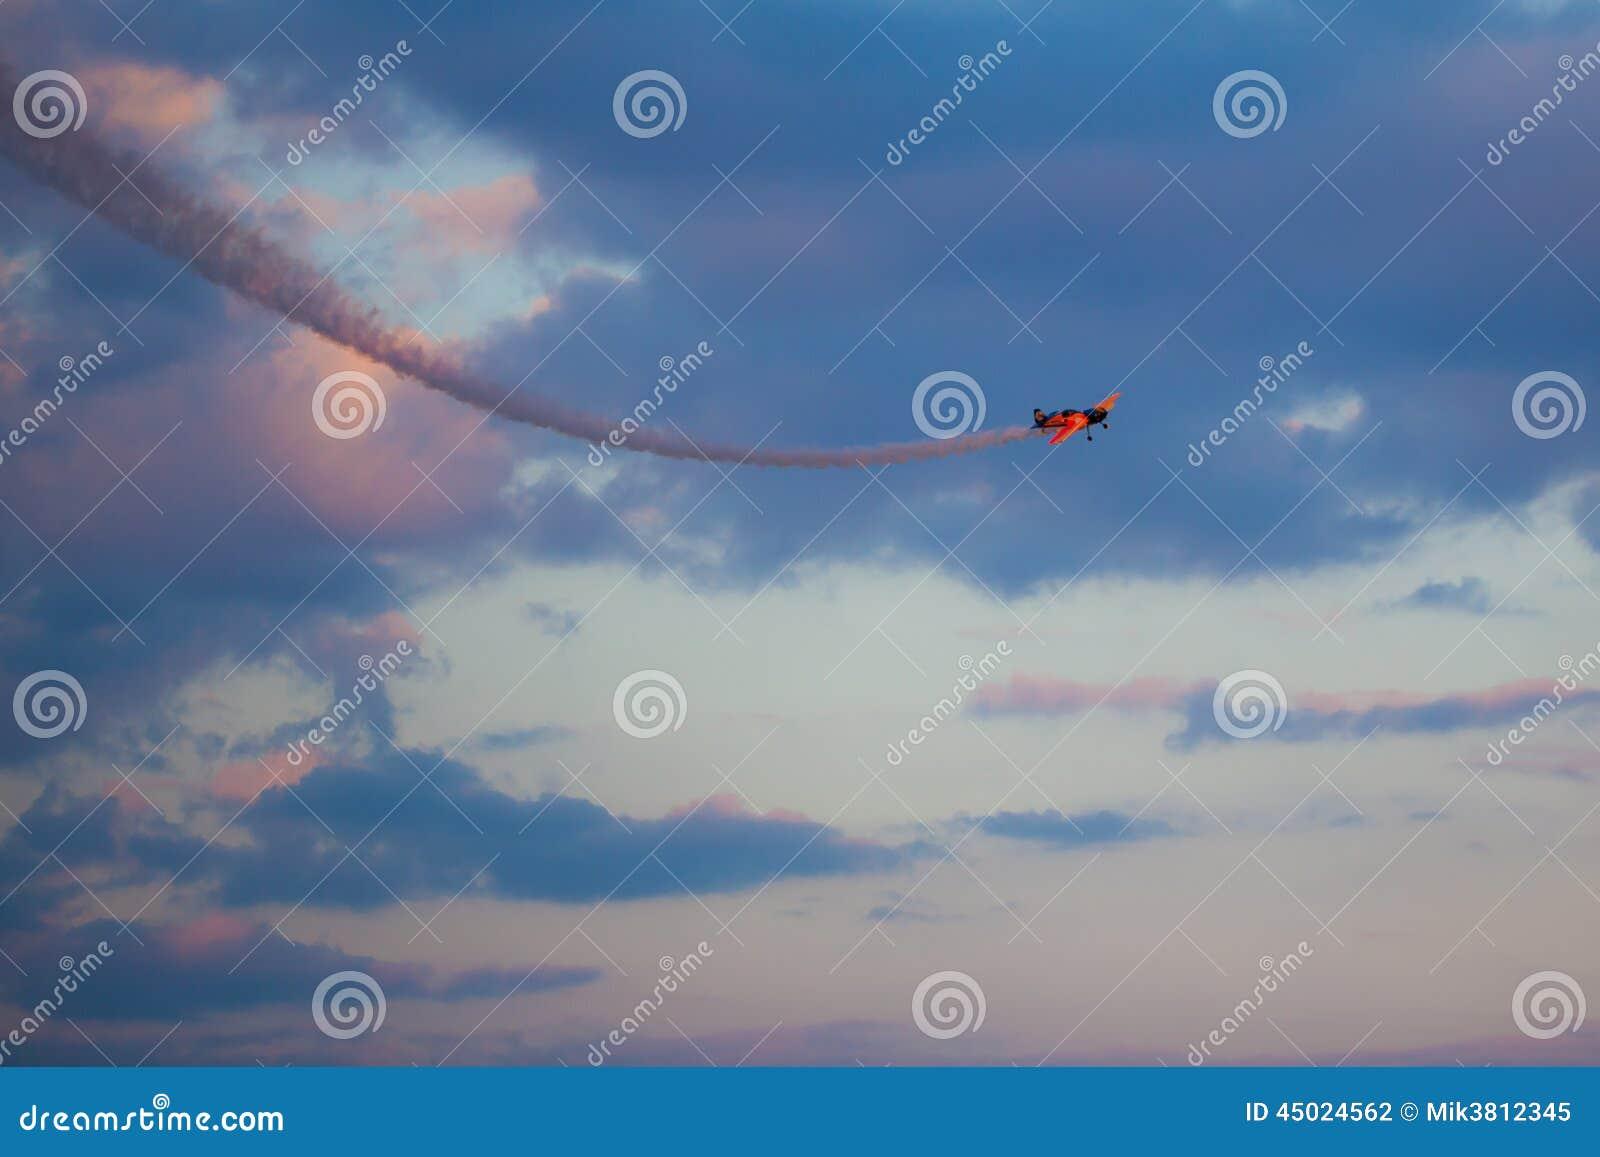 Equipe el bravo 3 Aviones: 2 x Sukhoi los 26M